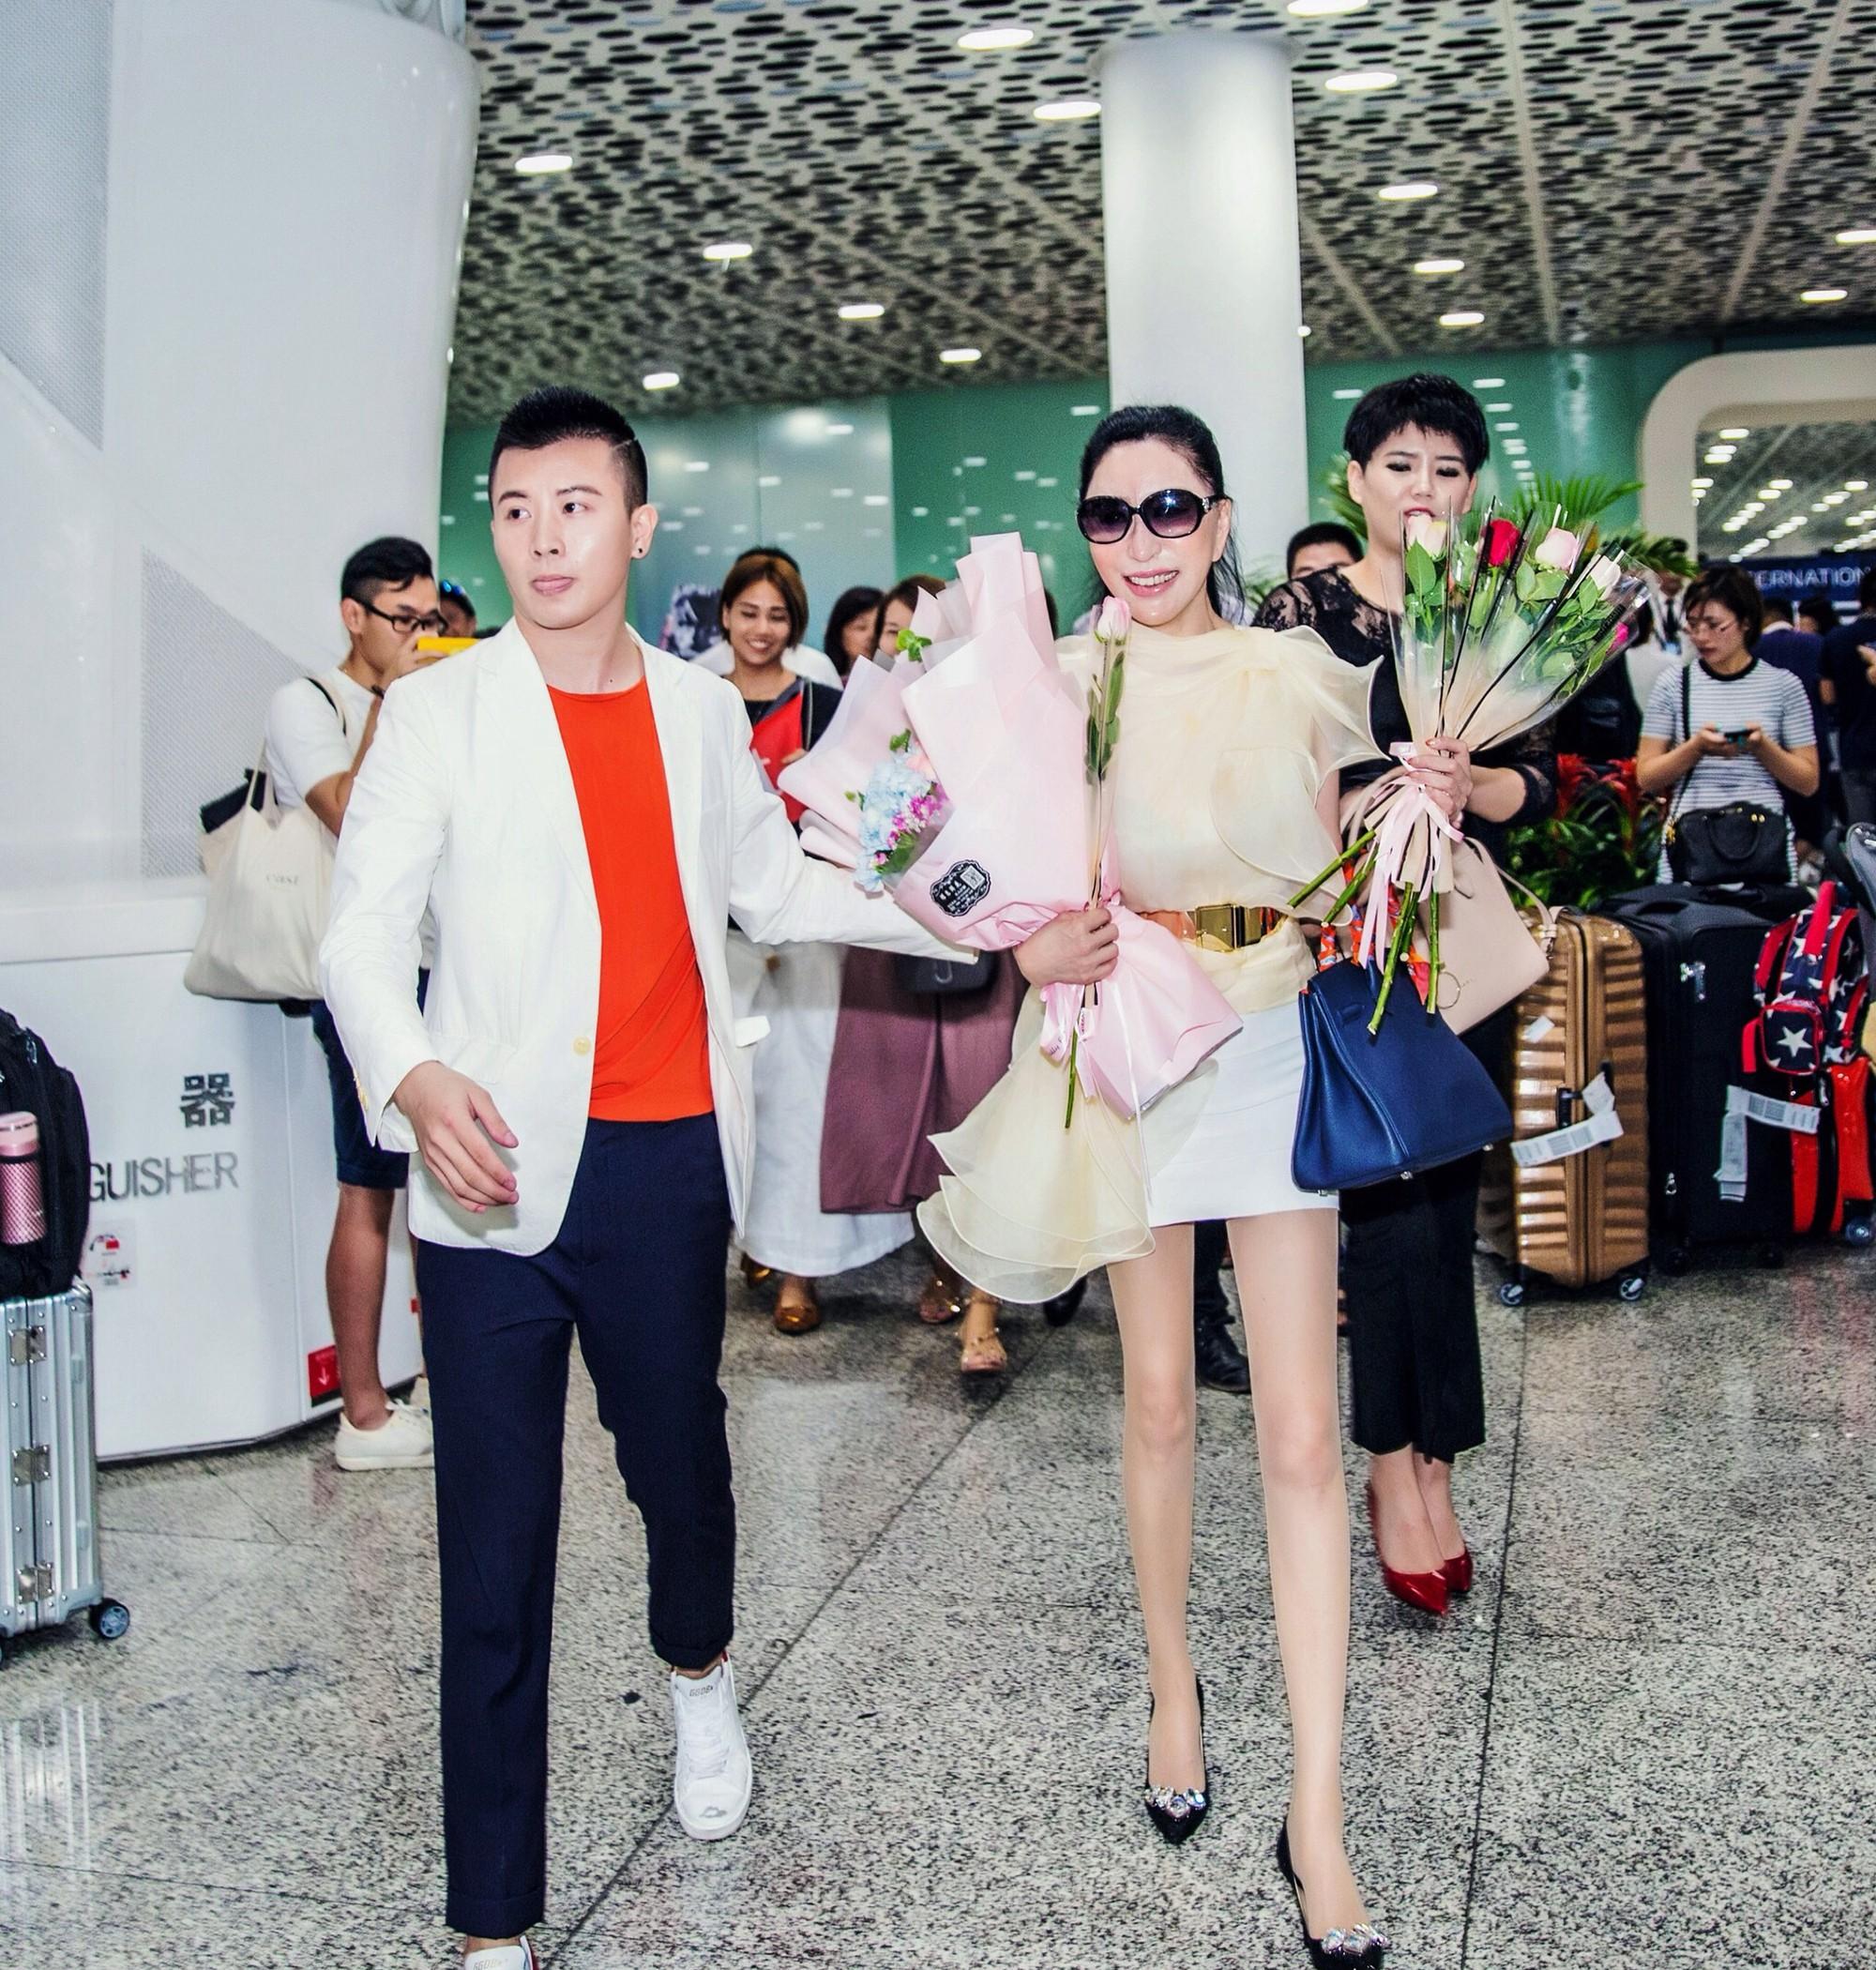 Hoa hậu Trung Quốc cố tình ngã trào ngực tại Cannes được chào đón không kém gì Phạm Băng Băng - Ảnh 5.